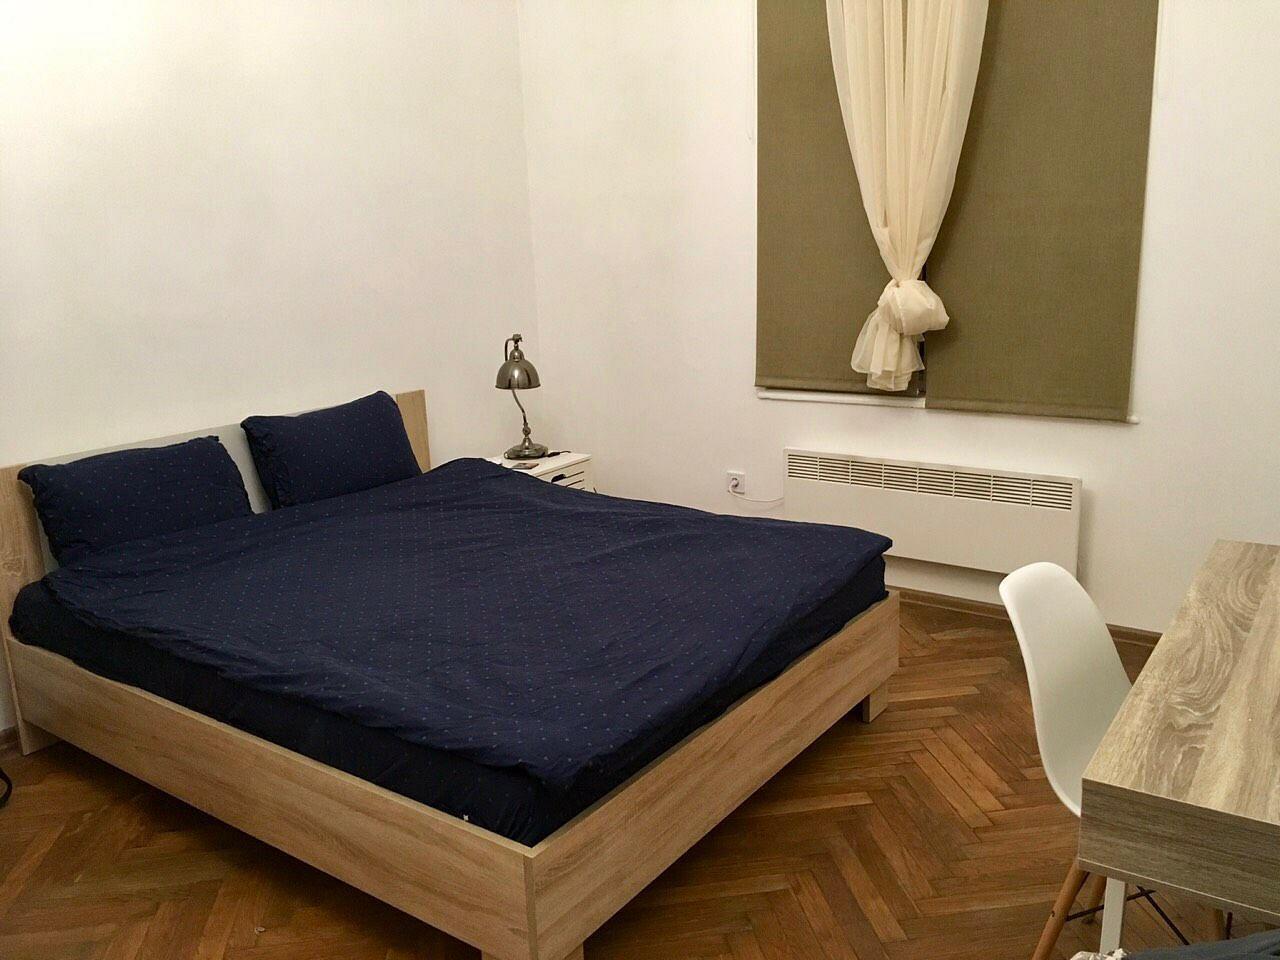 Посуточная аренда квартиры класса люкс, в старину центре Львова (1)